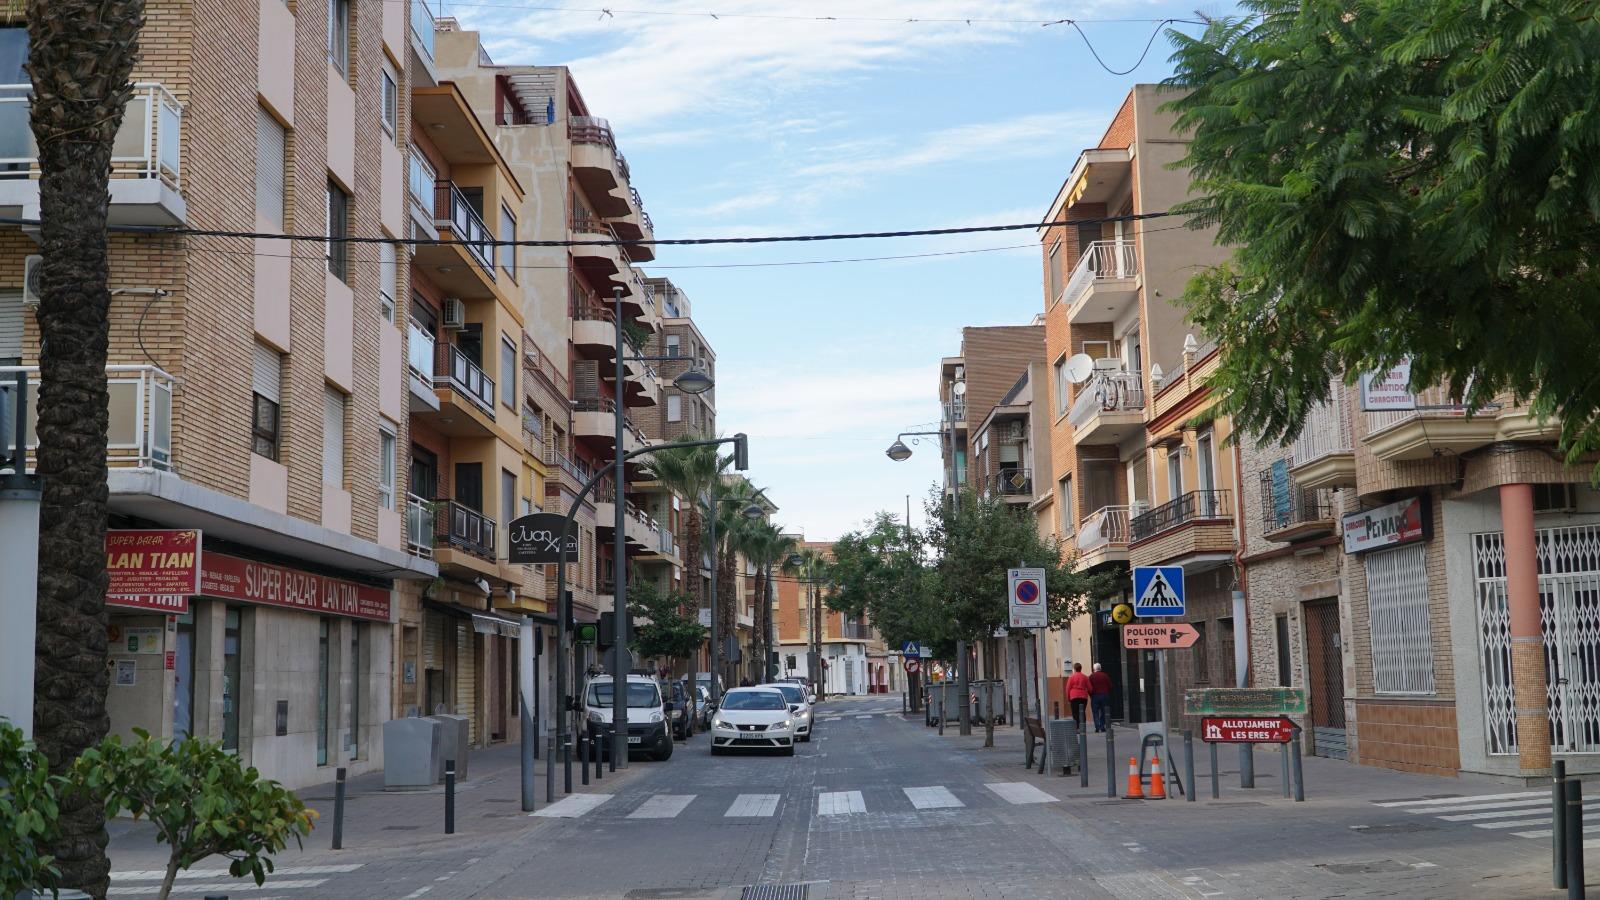 La Pobla de Vallbona presta assessorament legal davant les ocupacions d'habitatges